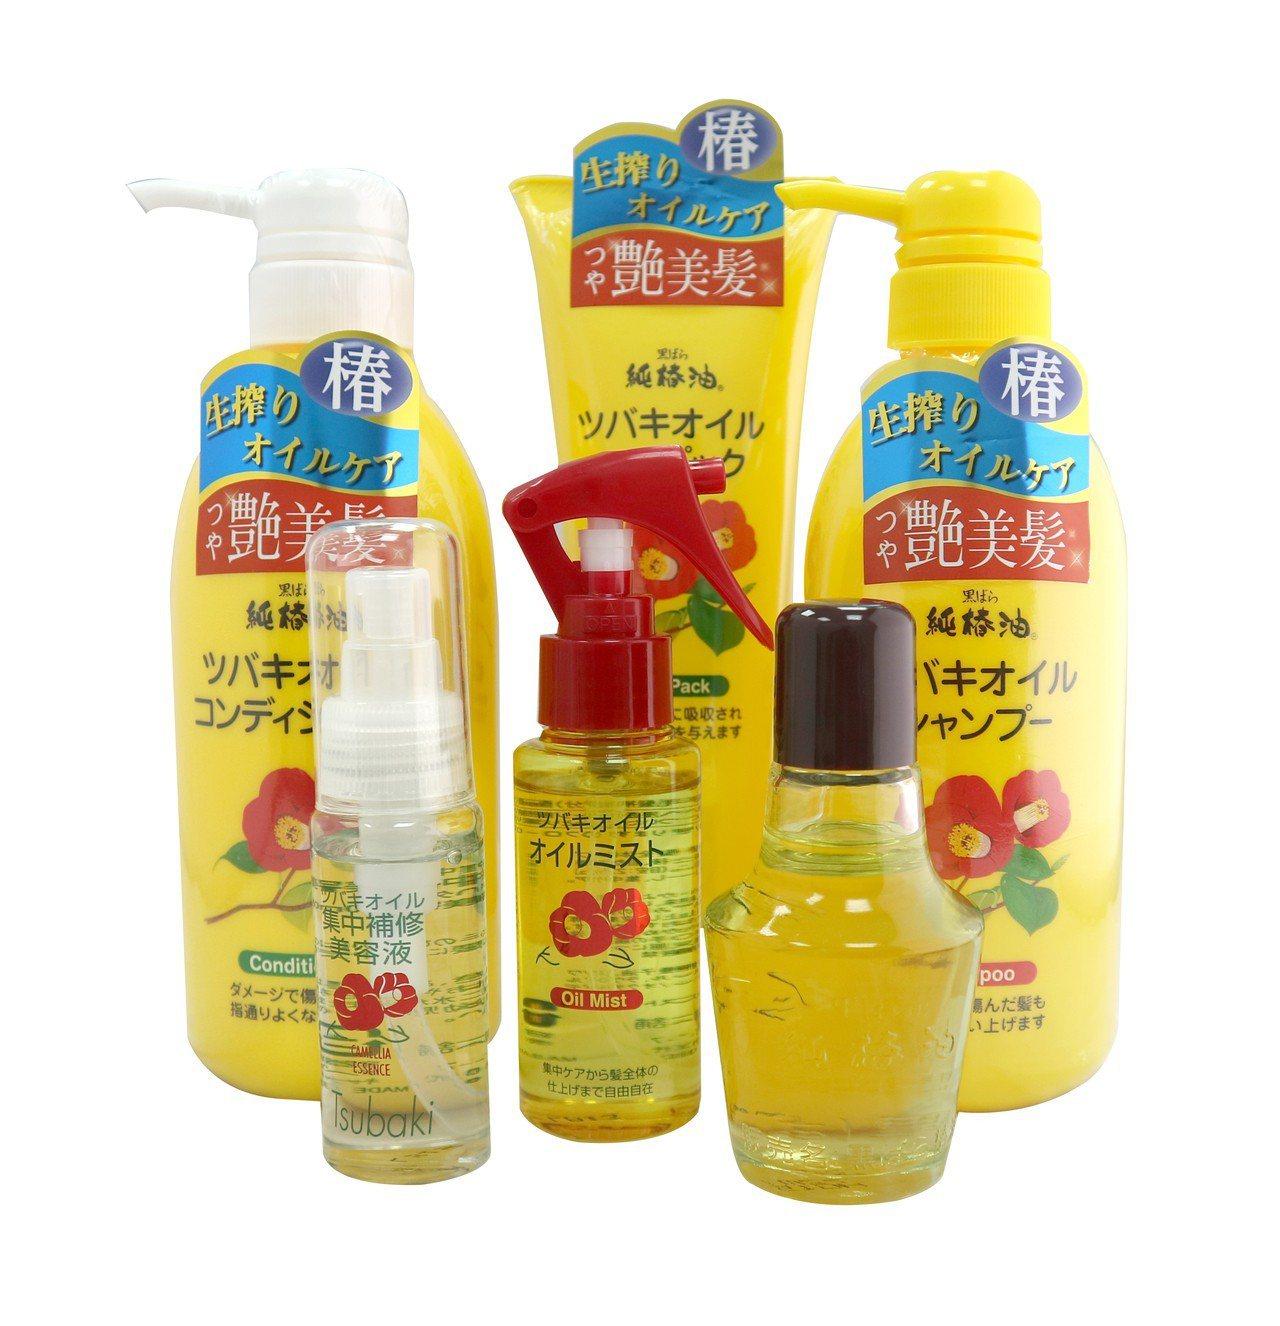 持續熱賣的kurobara山茶花油頭髮護理系列全系列都有折扣。圖/台隆手創館提供